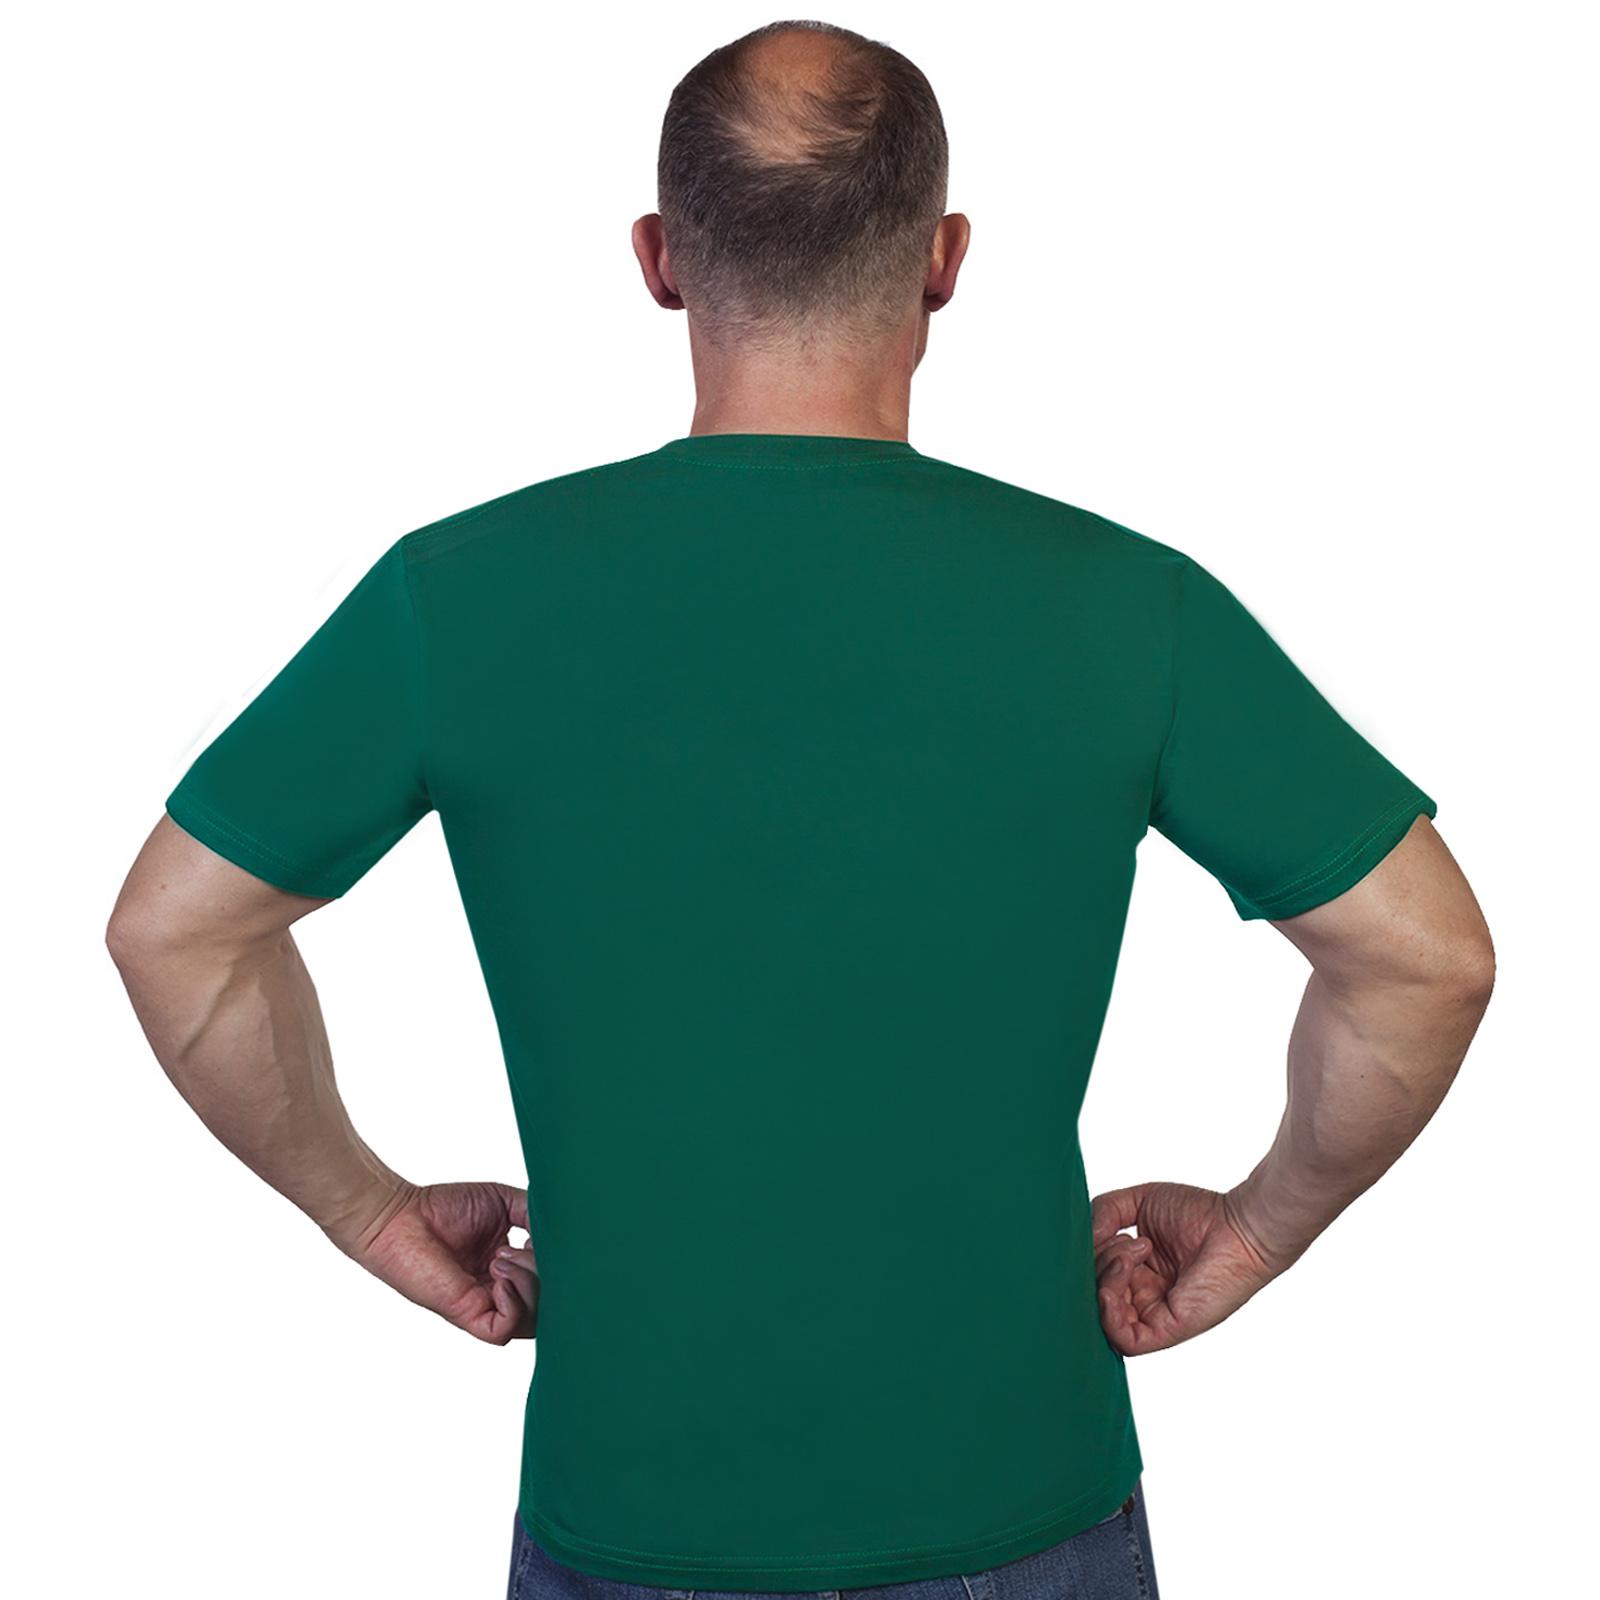 Зелёная футболка с вышитой эмблемой Пограничной службы - высокое качество